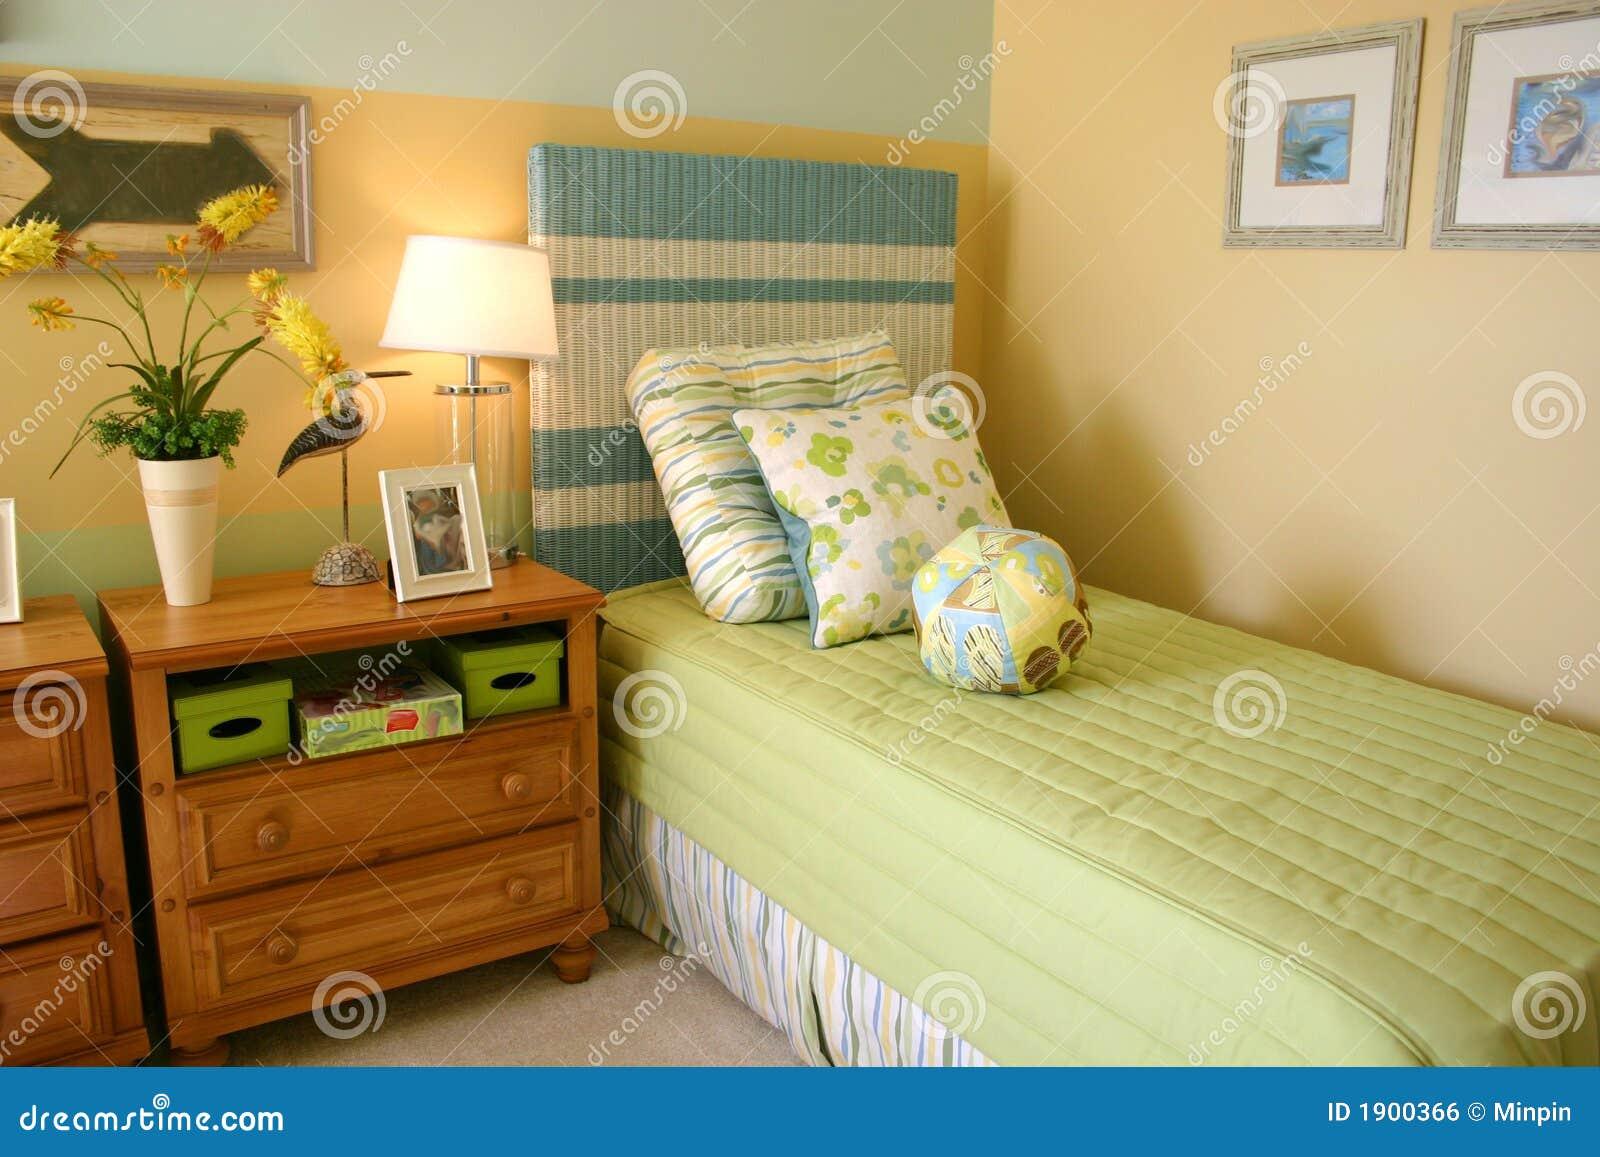 Camera da letto del bambino fotografia stock immagine di ragazzo interno 1900366 - Camera da letto del papa ...